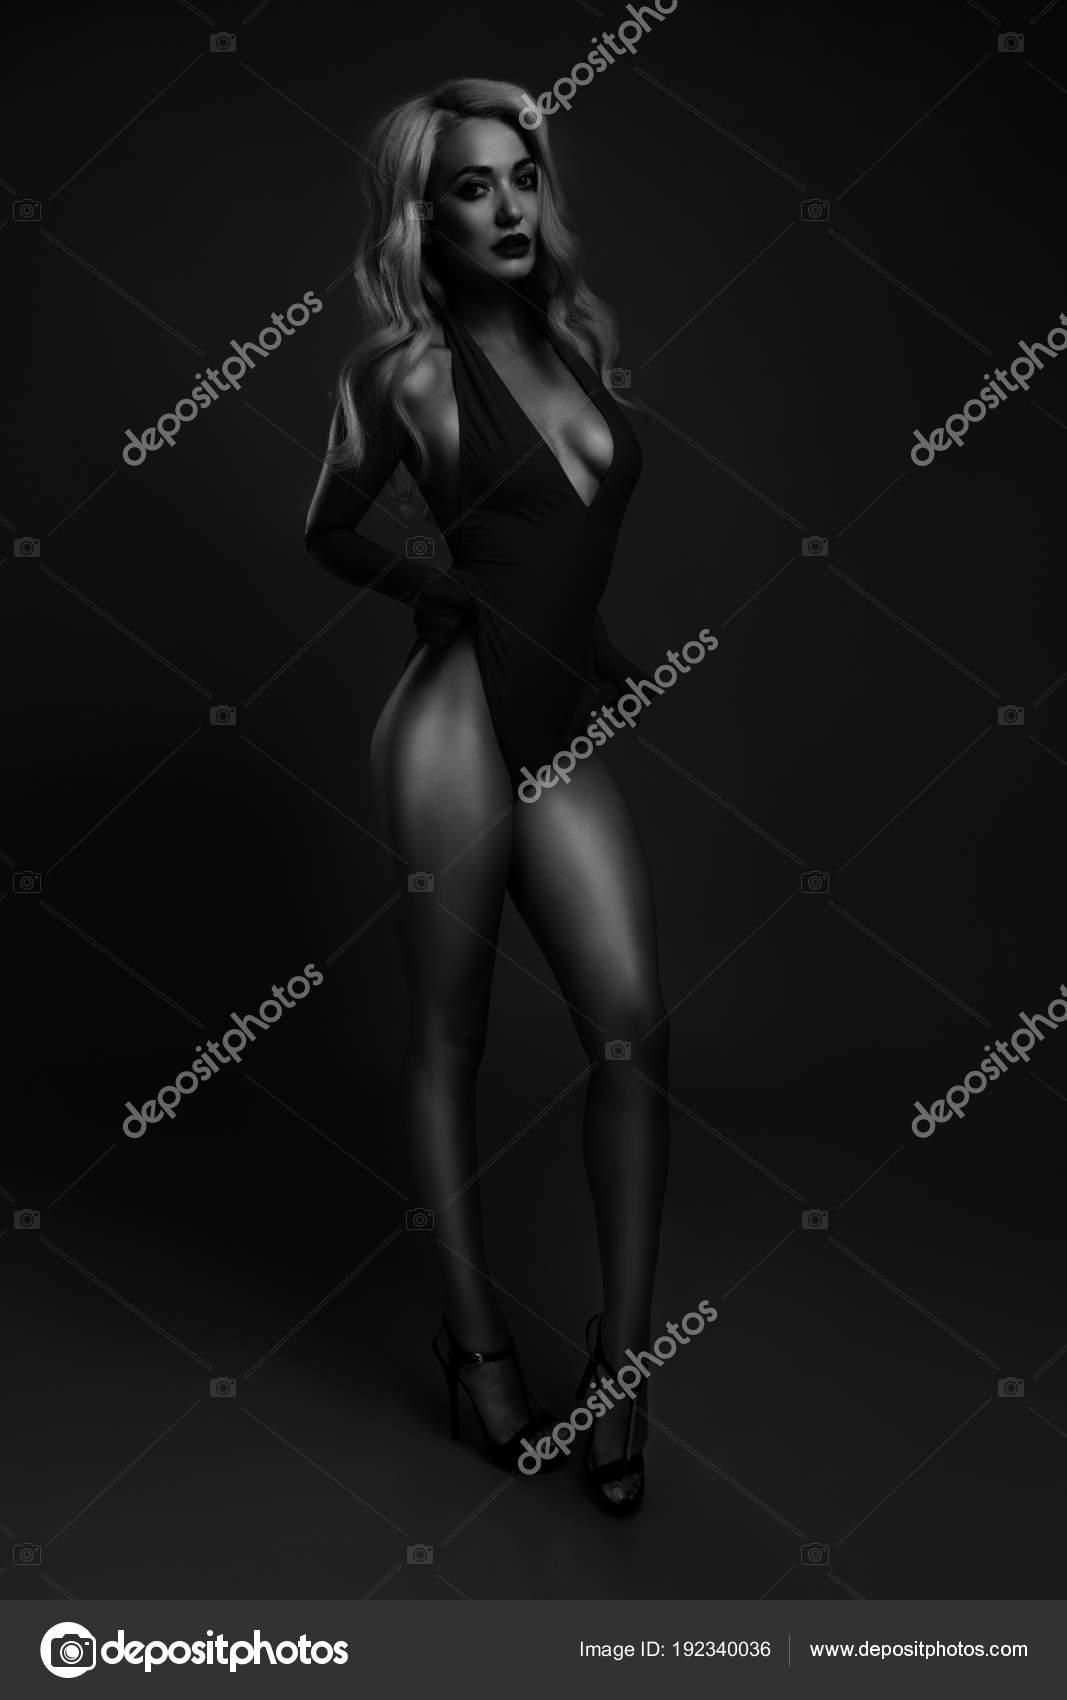 Красивые девушки в купальниках черно белые картинки #15